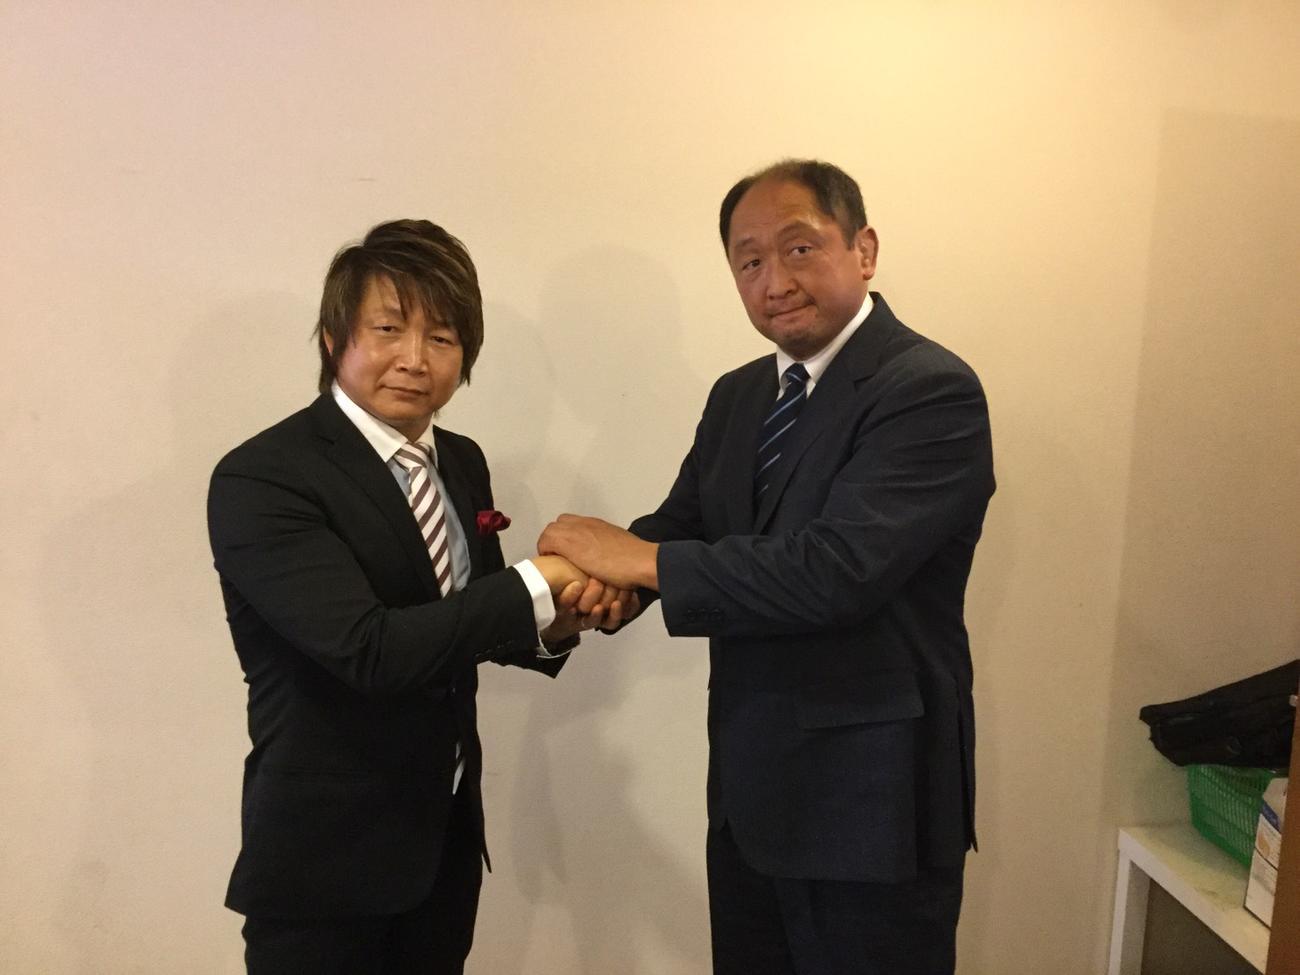 消毒した後に握手する日高郁人(左)と大谷晋二郎(プロレスリングゼロワン提供)